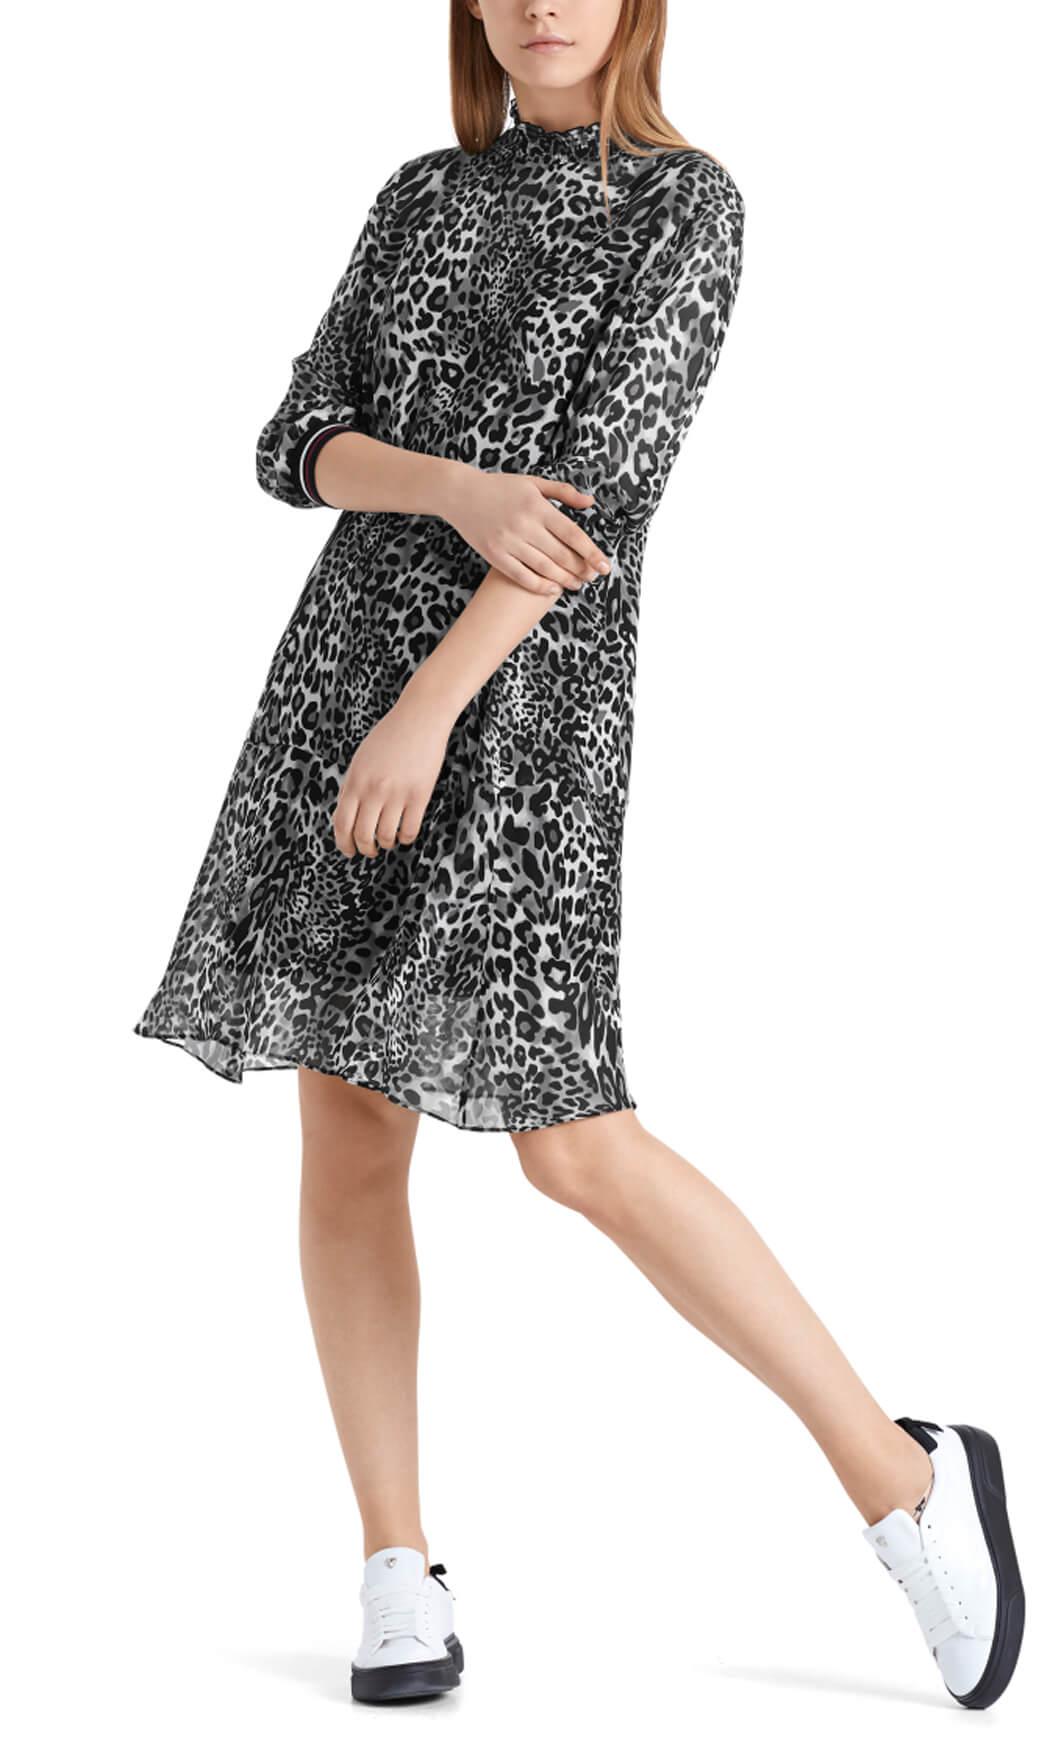 Marccain Sports Dames Luipaard jurk Grijs